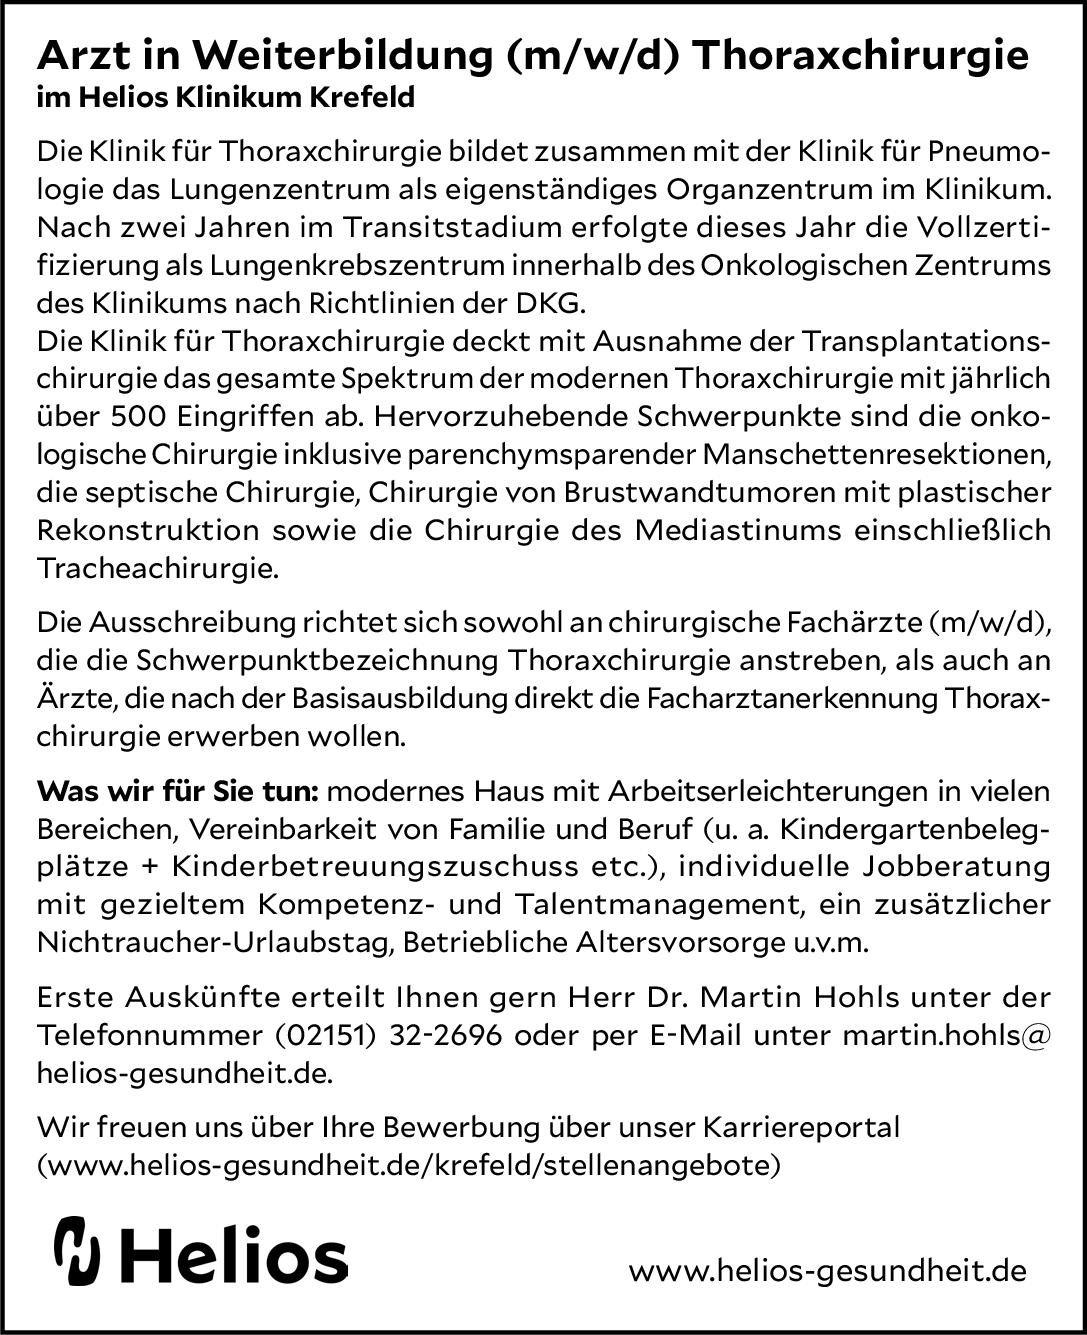 Helios Klinikum Krefeld Arzt in Weiterbildung (m/w/d) Thoraxchirurgie  Thoraxchirurgie, Chirurgie Assistenzarzt / Arzt in Weiterbildung